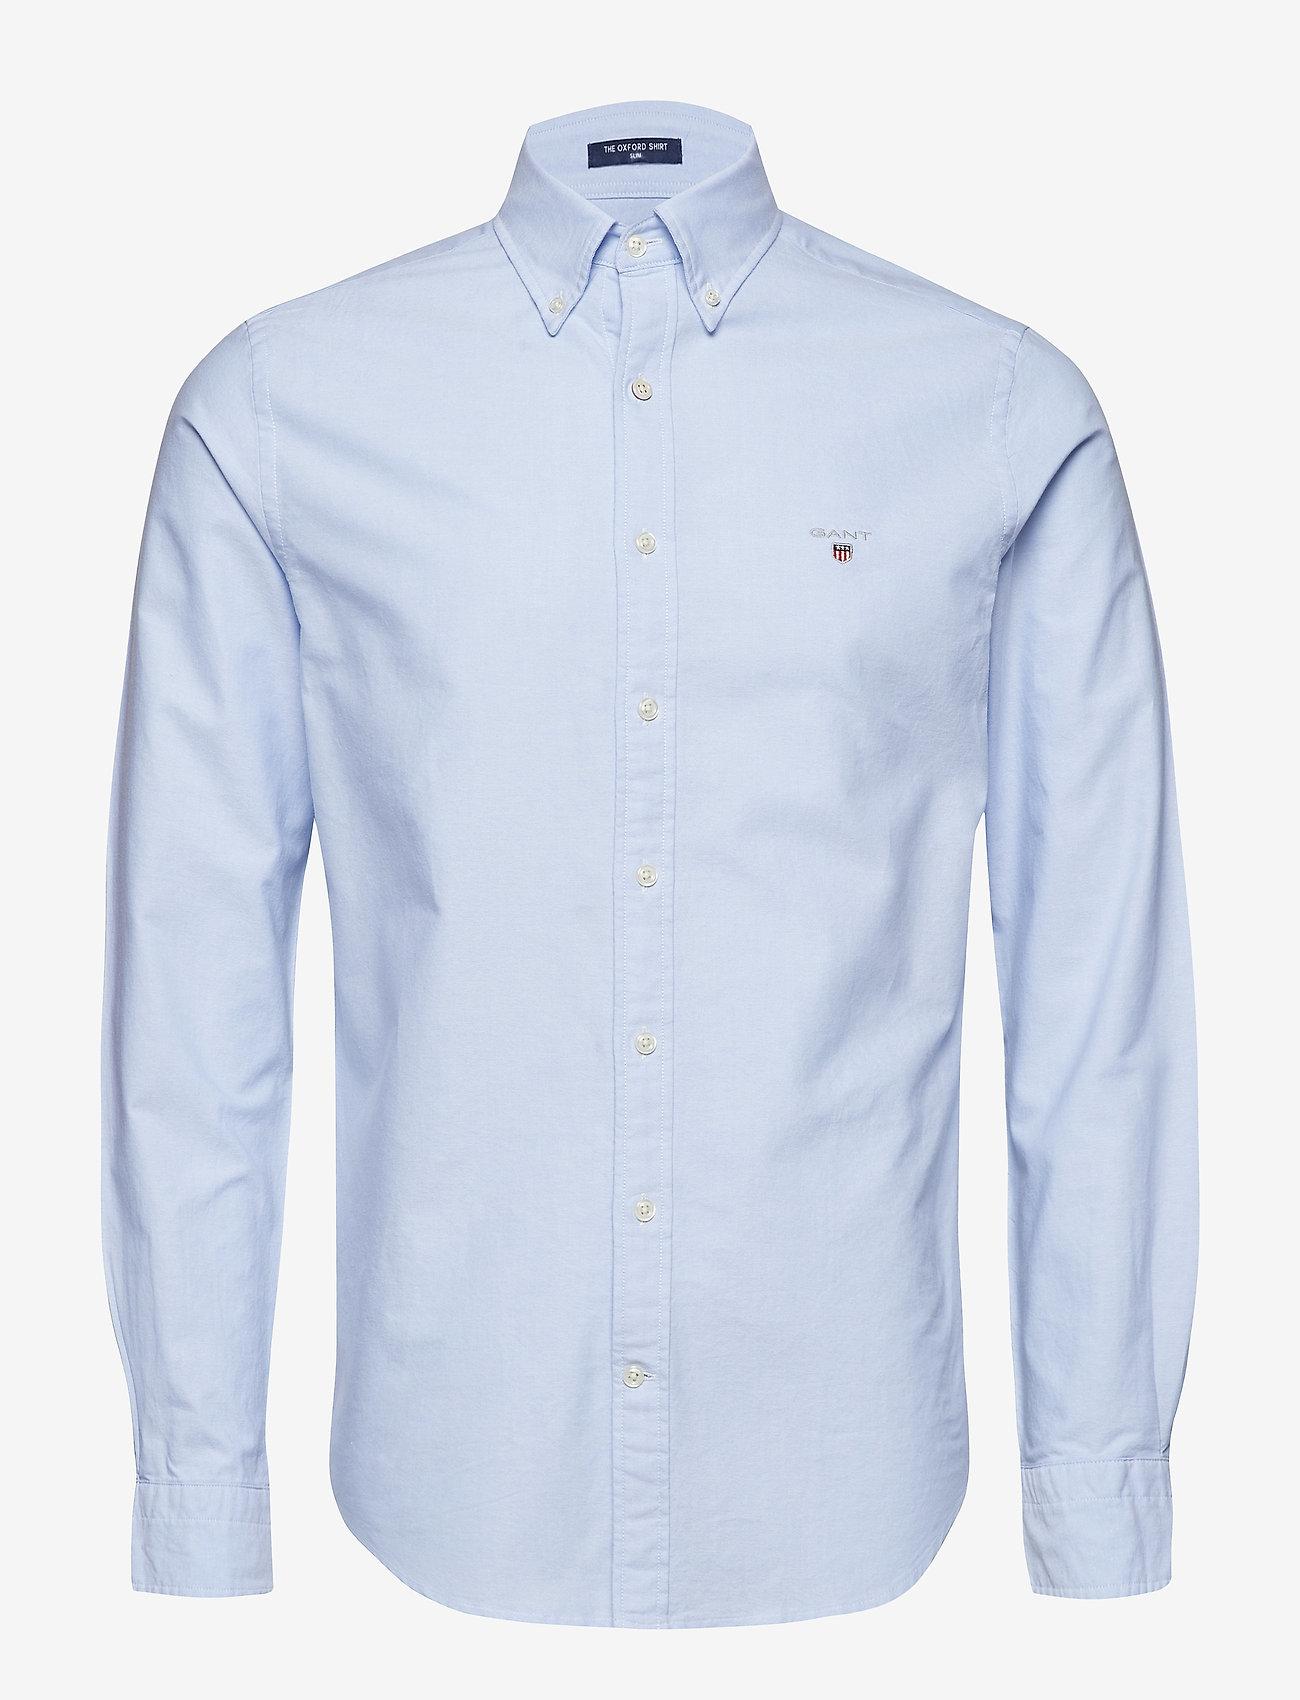 GANT - SLIM OXFORD SHIRT BD - basic shirts - capri blue - 0